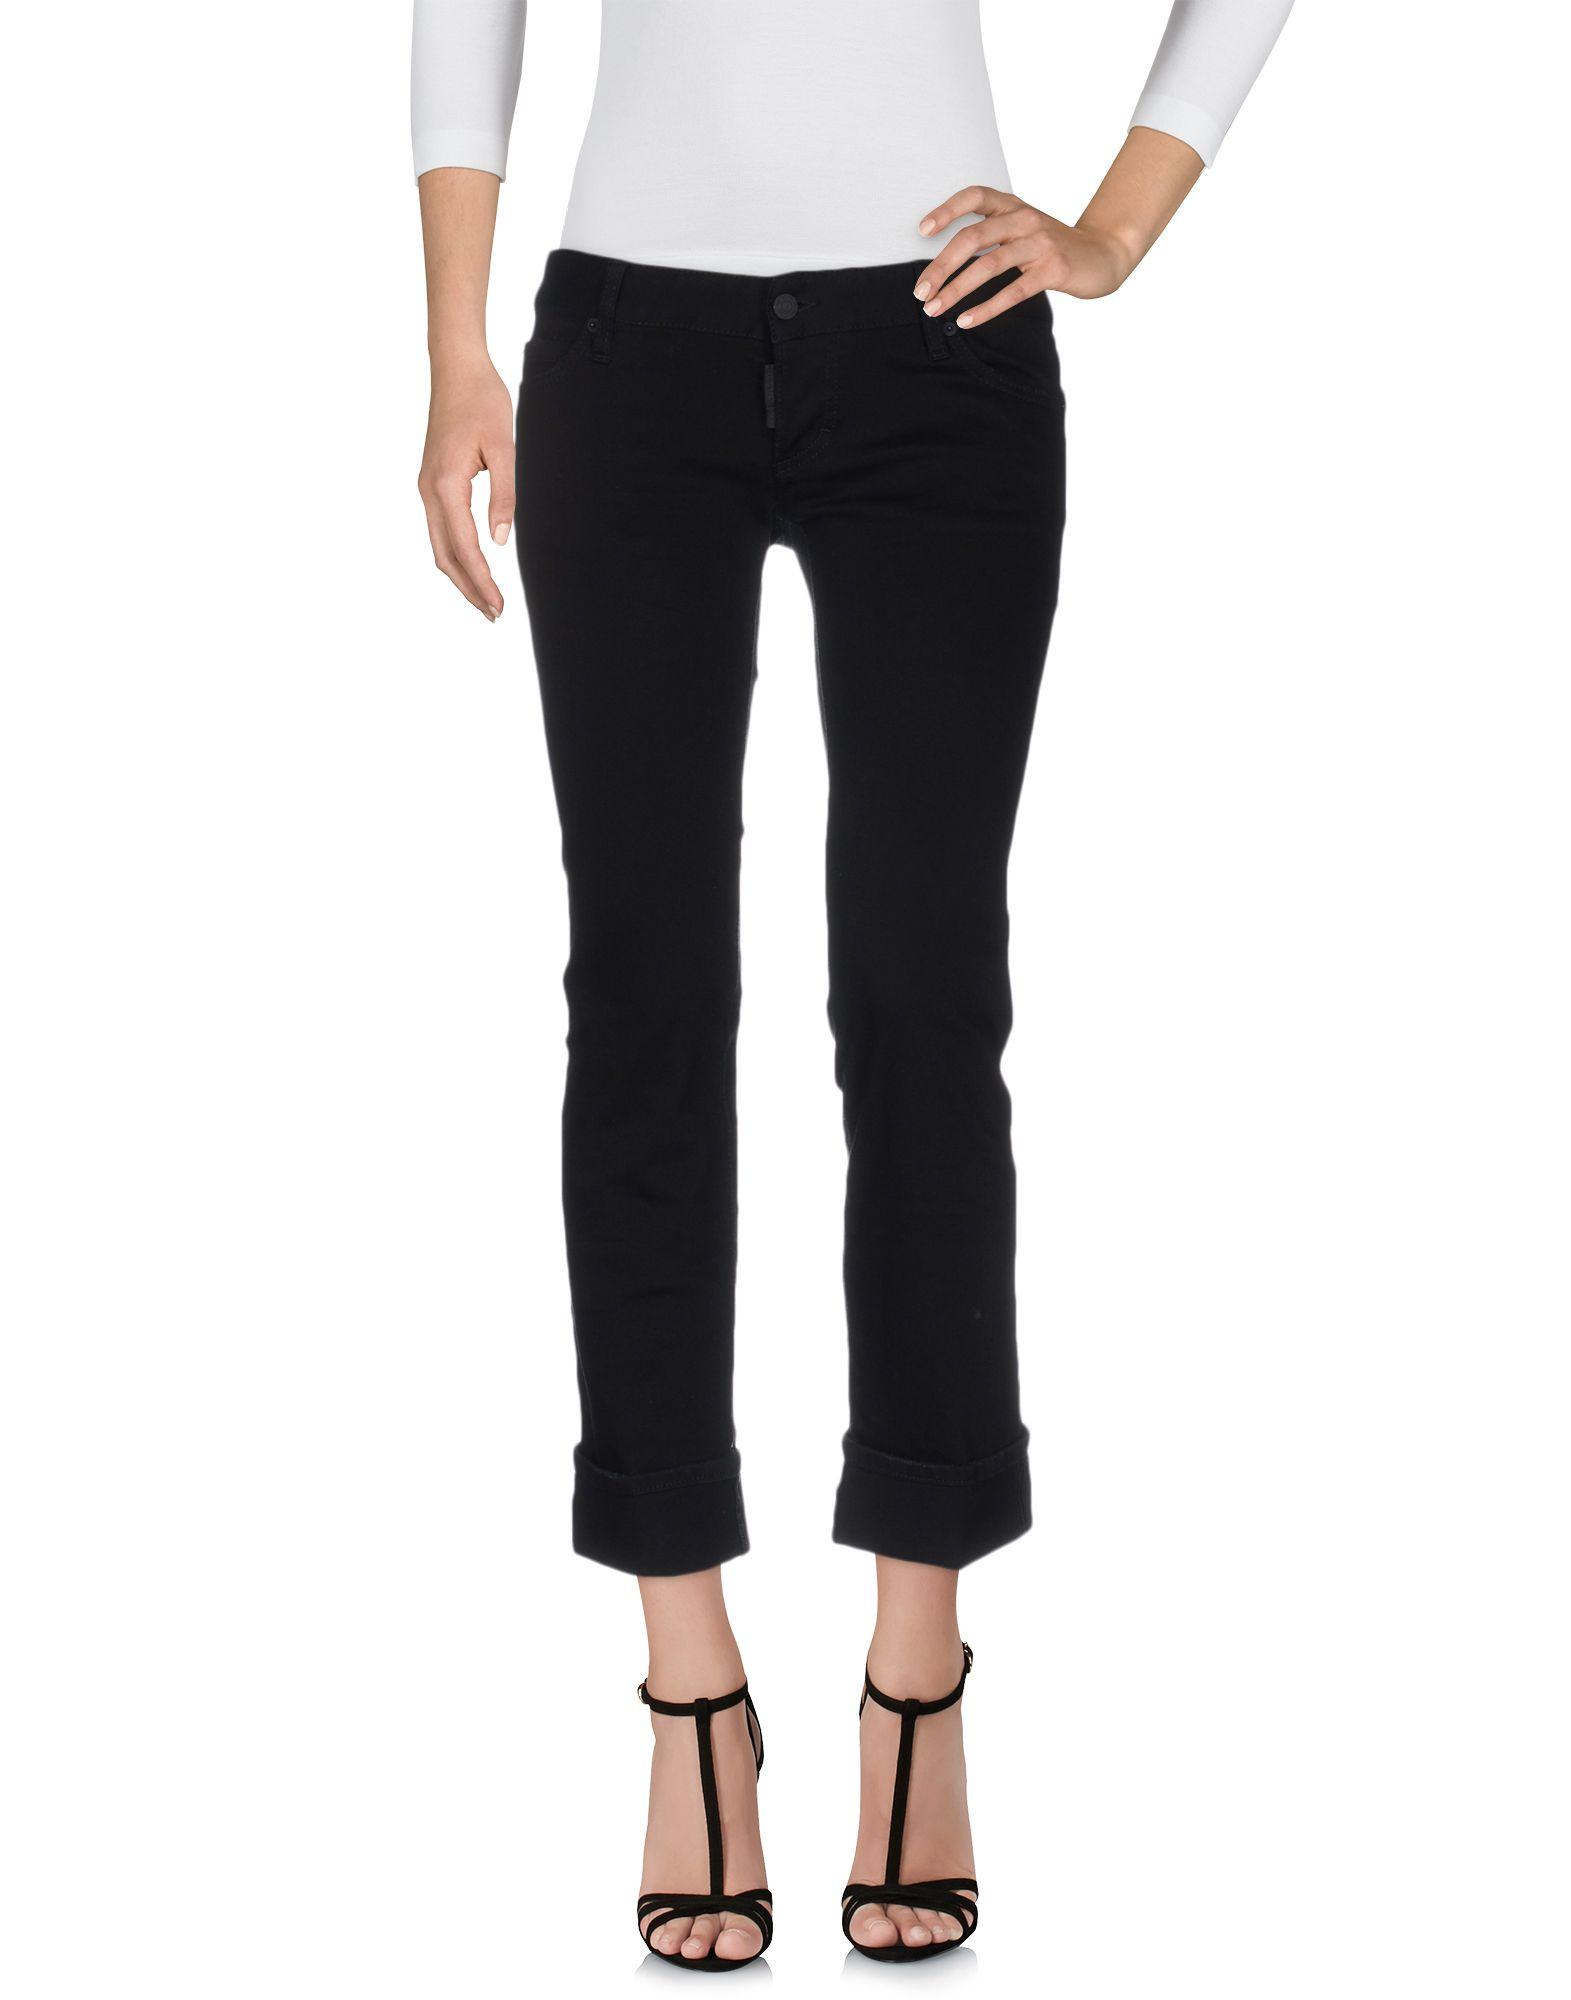 Pantaloni Jeans Dsquared2 Donna - Acquista online su Airejn60